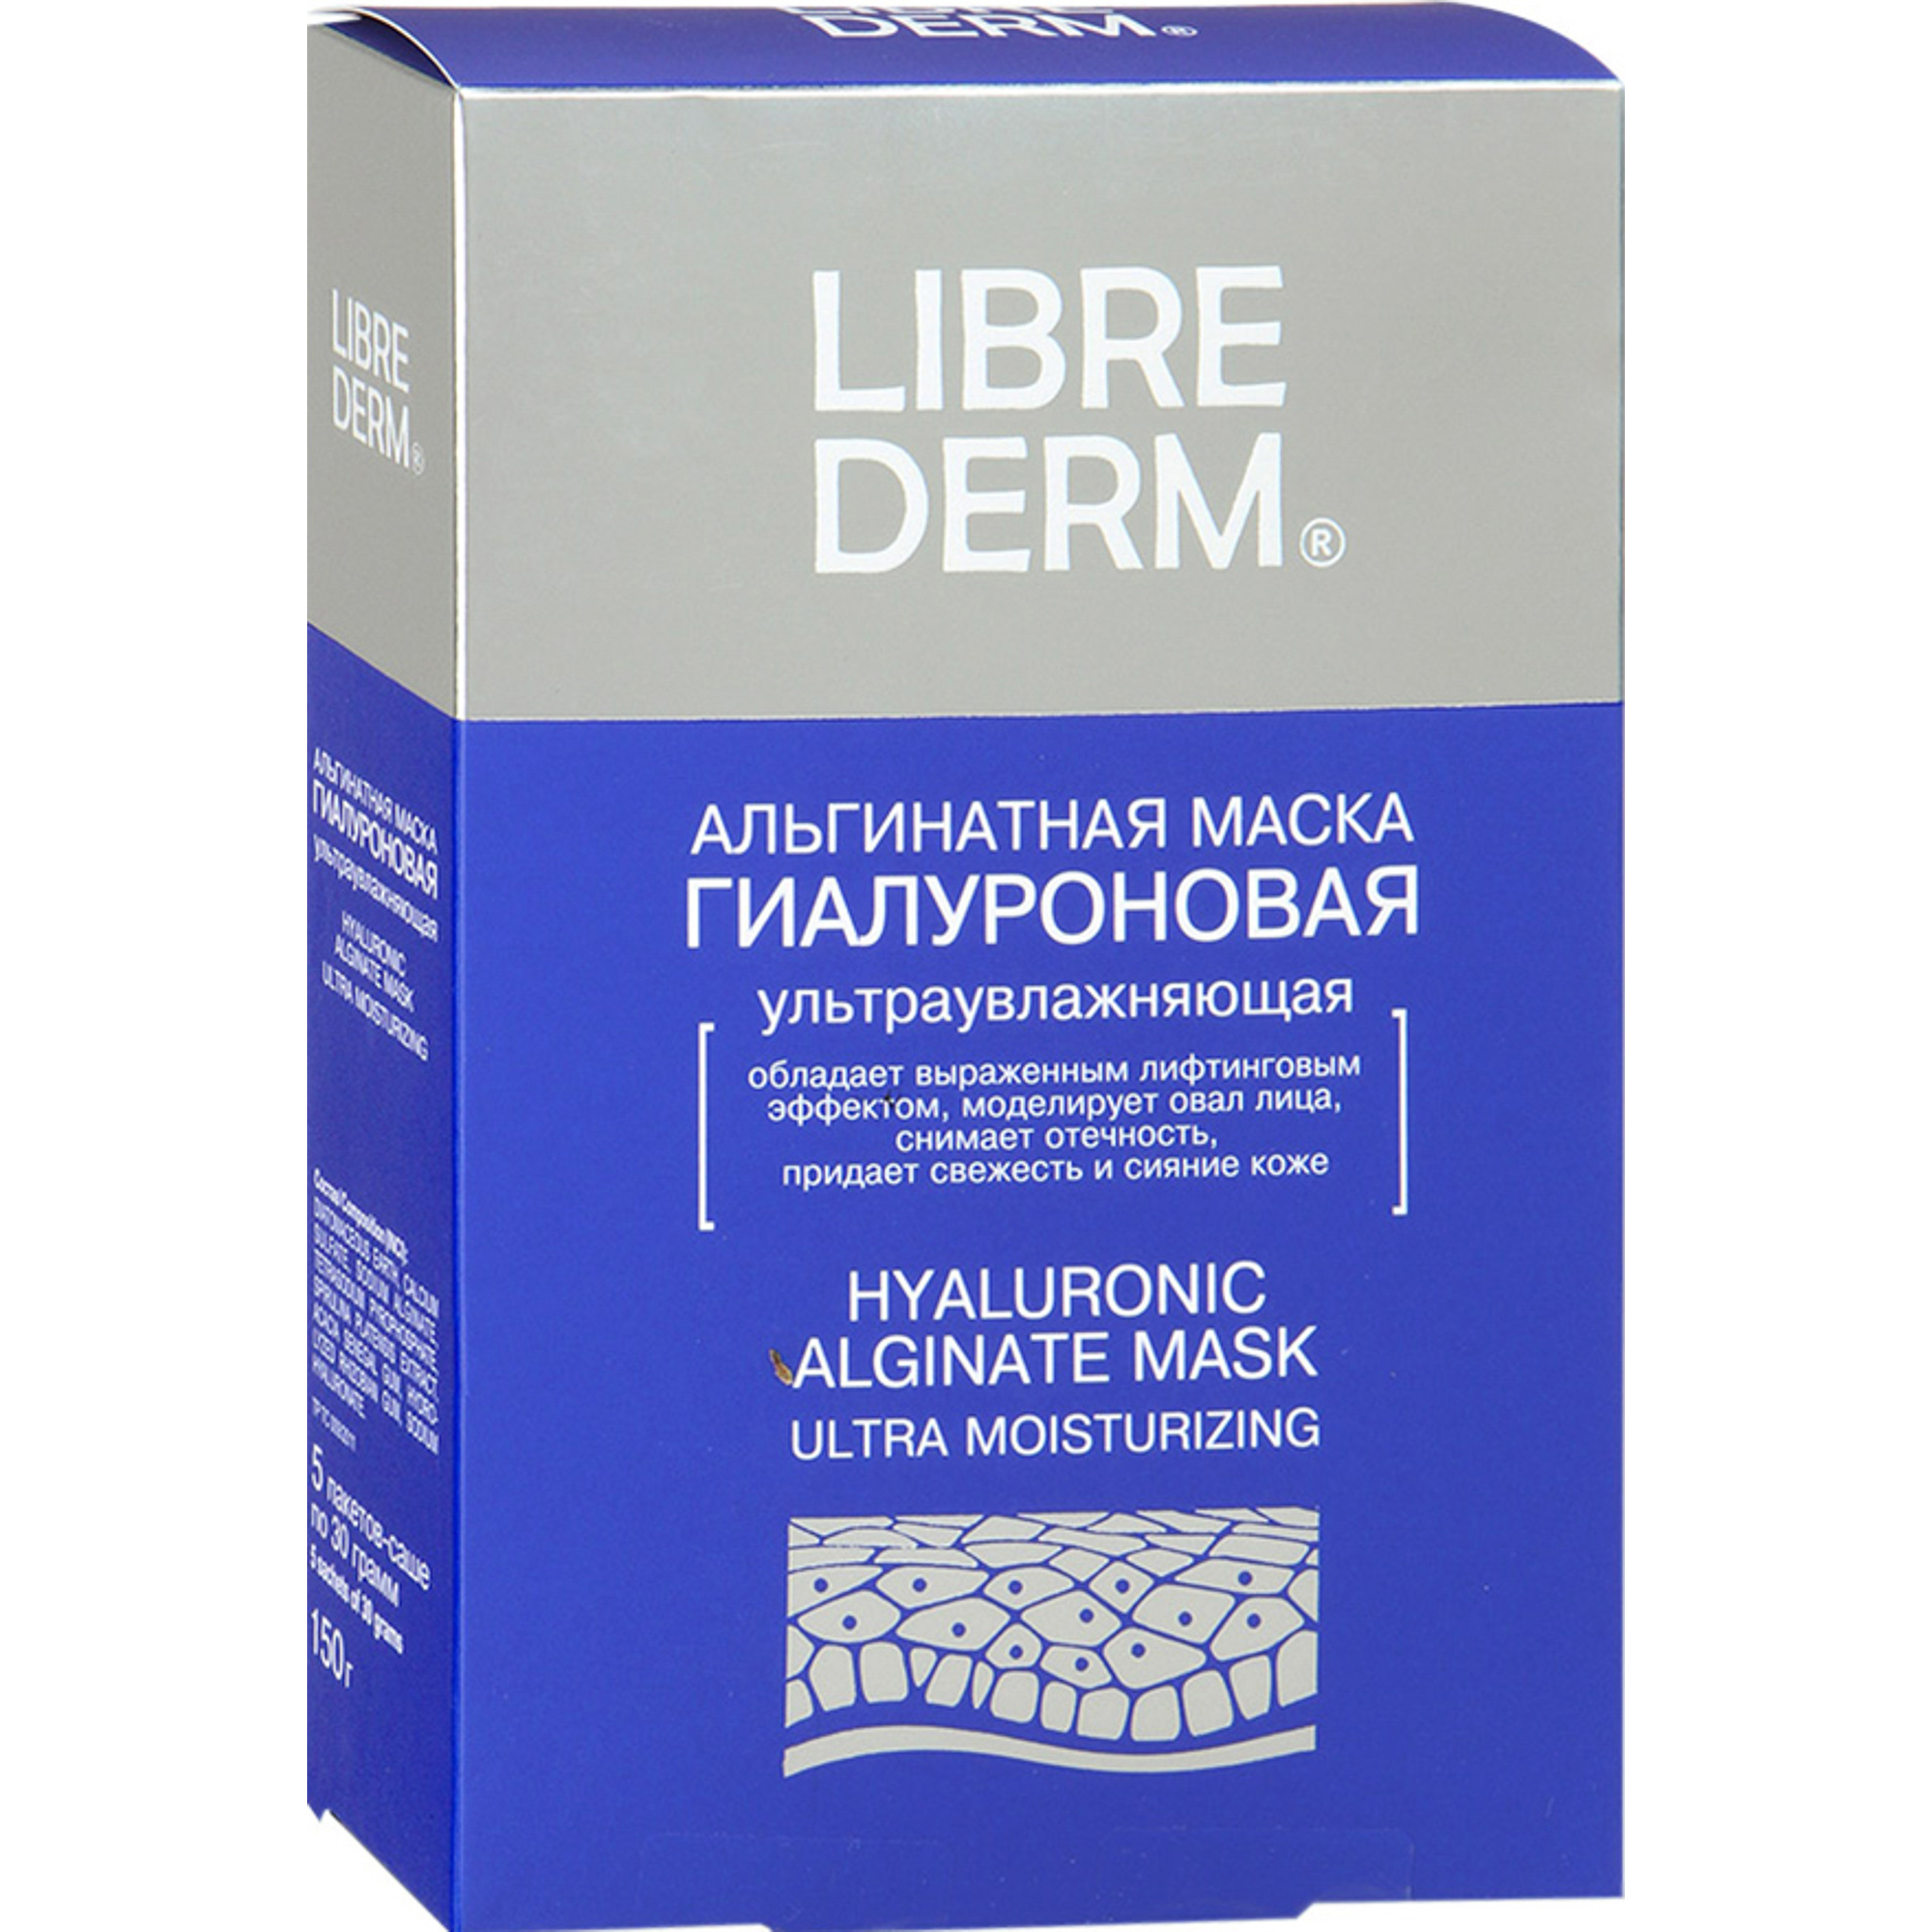 Фото - Маска альгинатная гиалуроновая Librederm Ультраувлажняющая 5 шт омолаживающая альгинатная маска коллаген librederm 5 по 30 гр